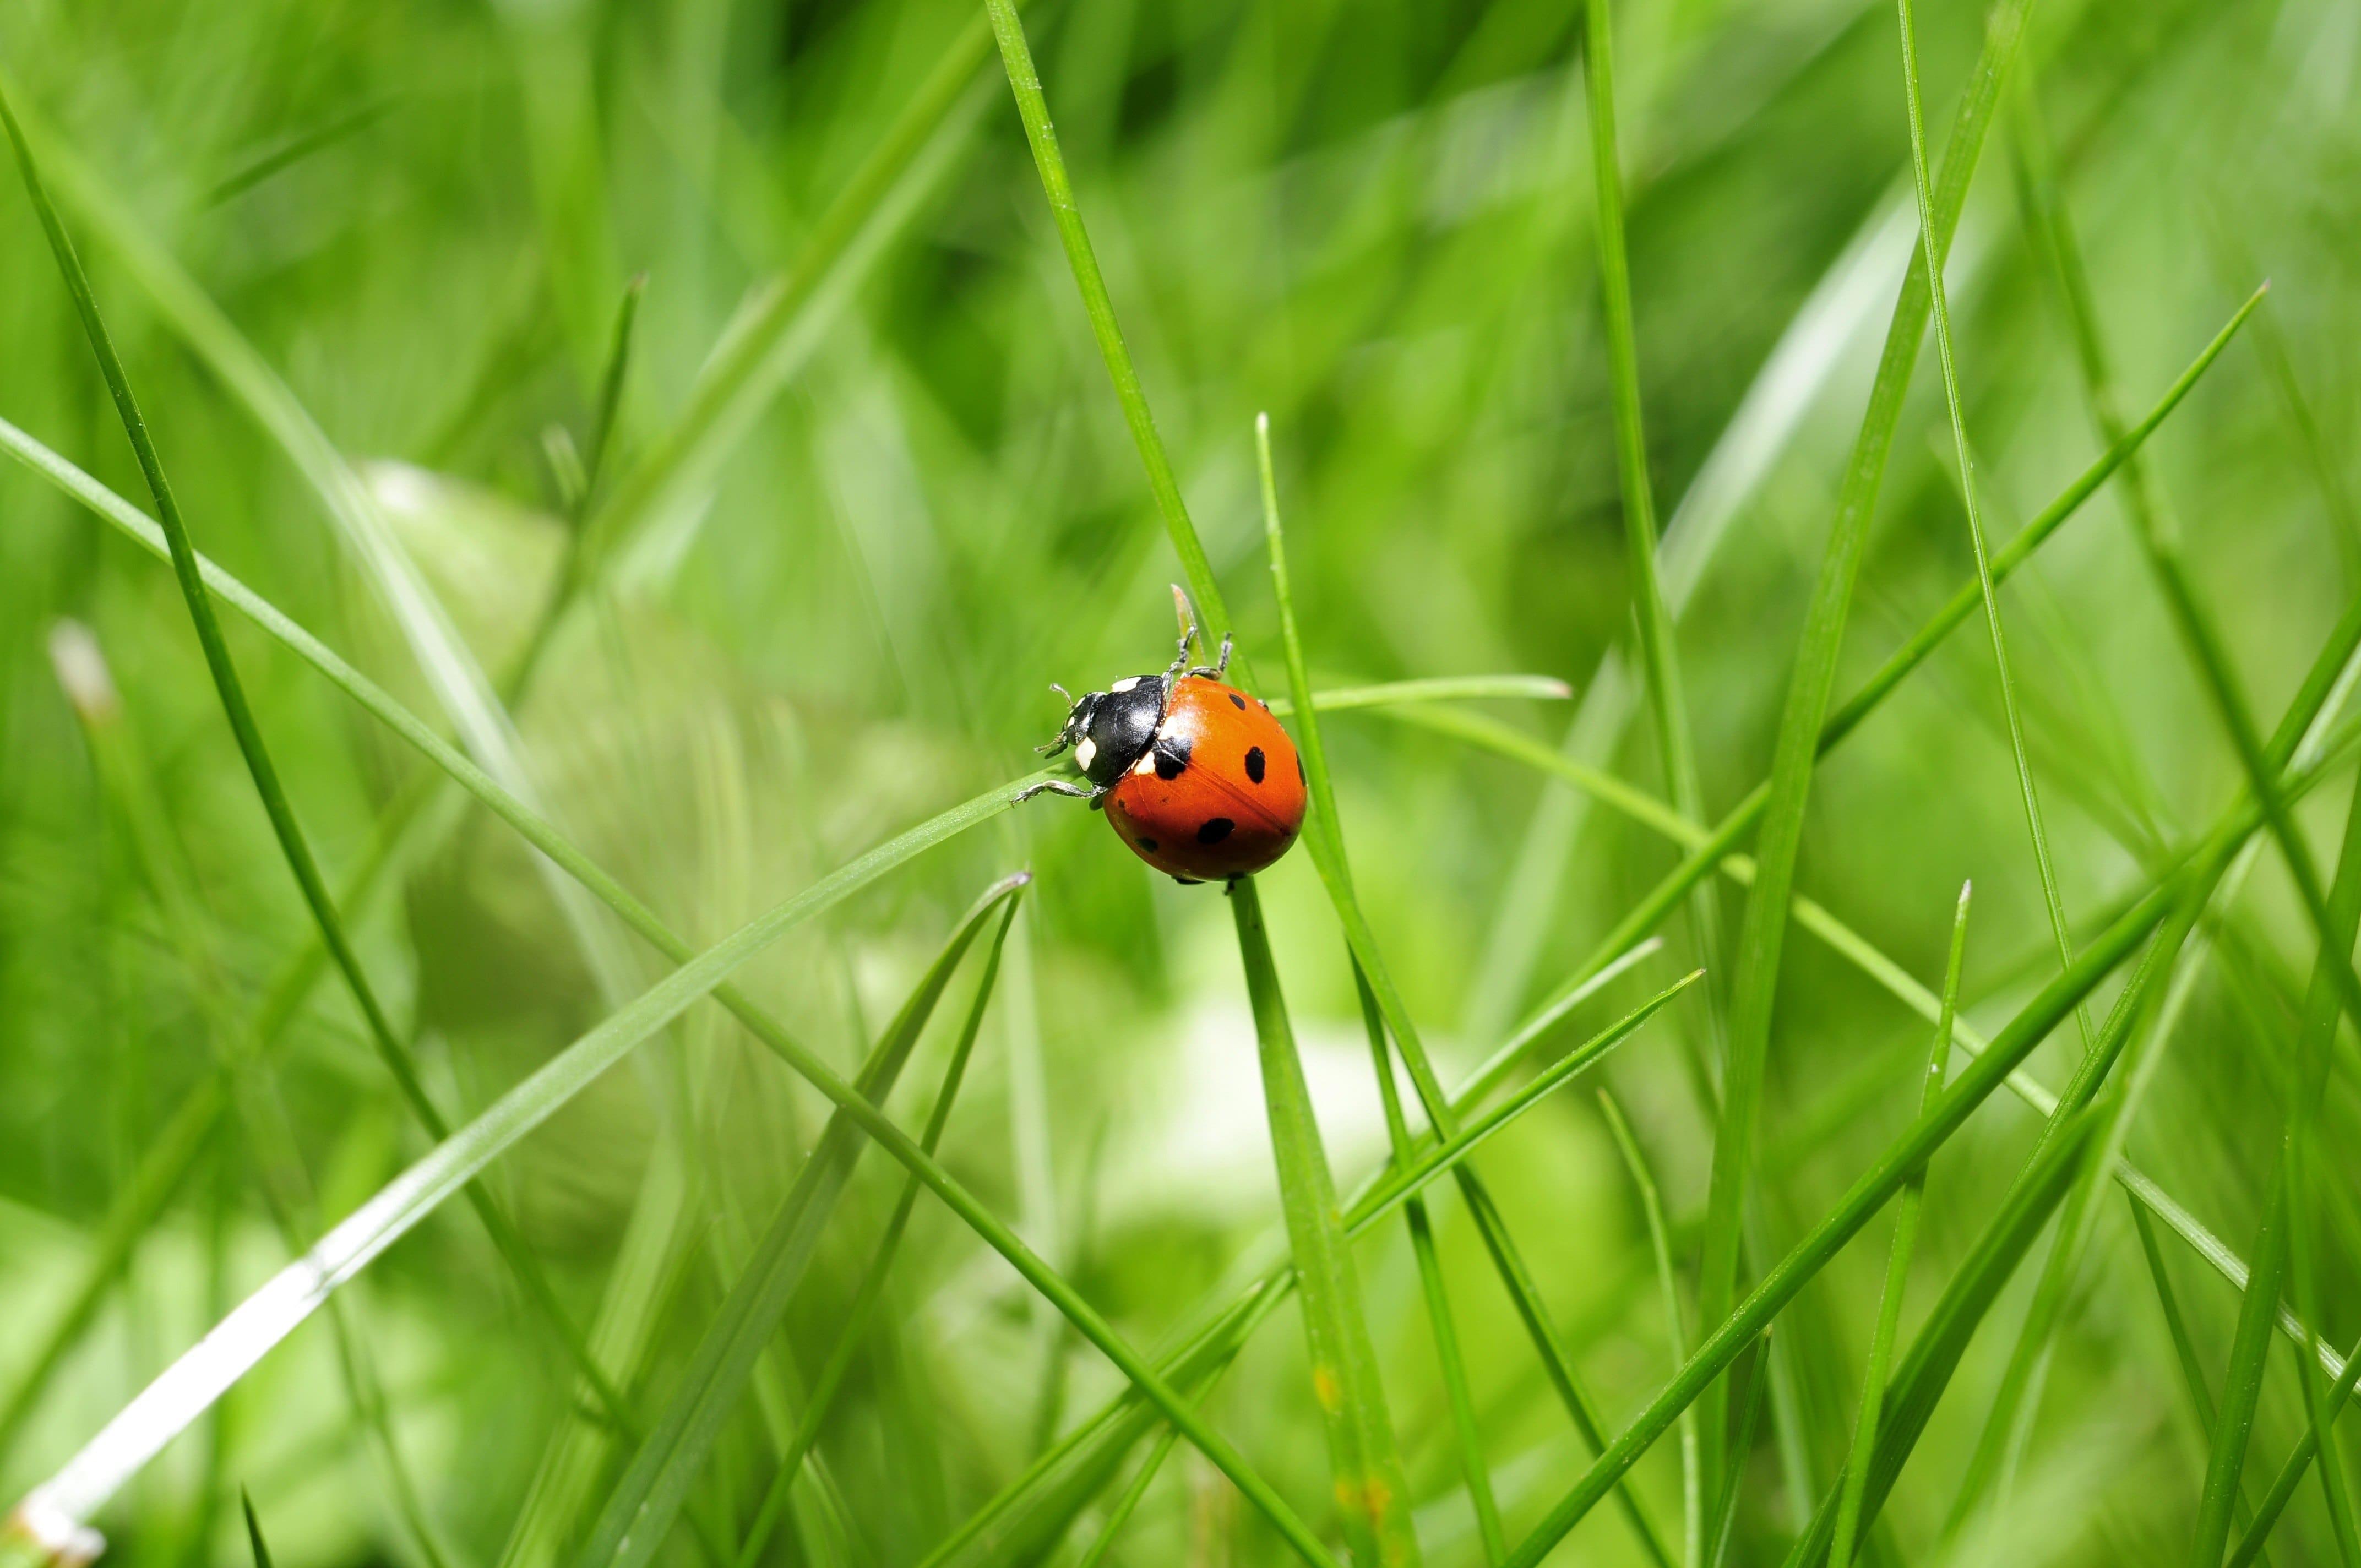 Lieveheersbeestje in het gras